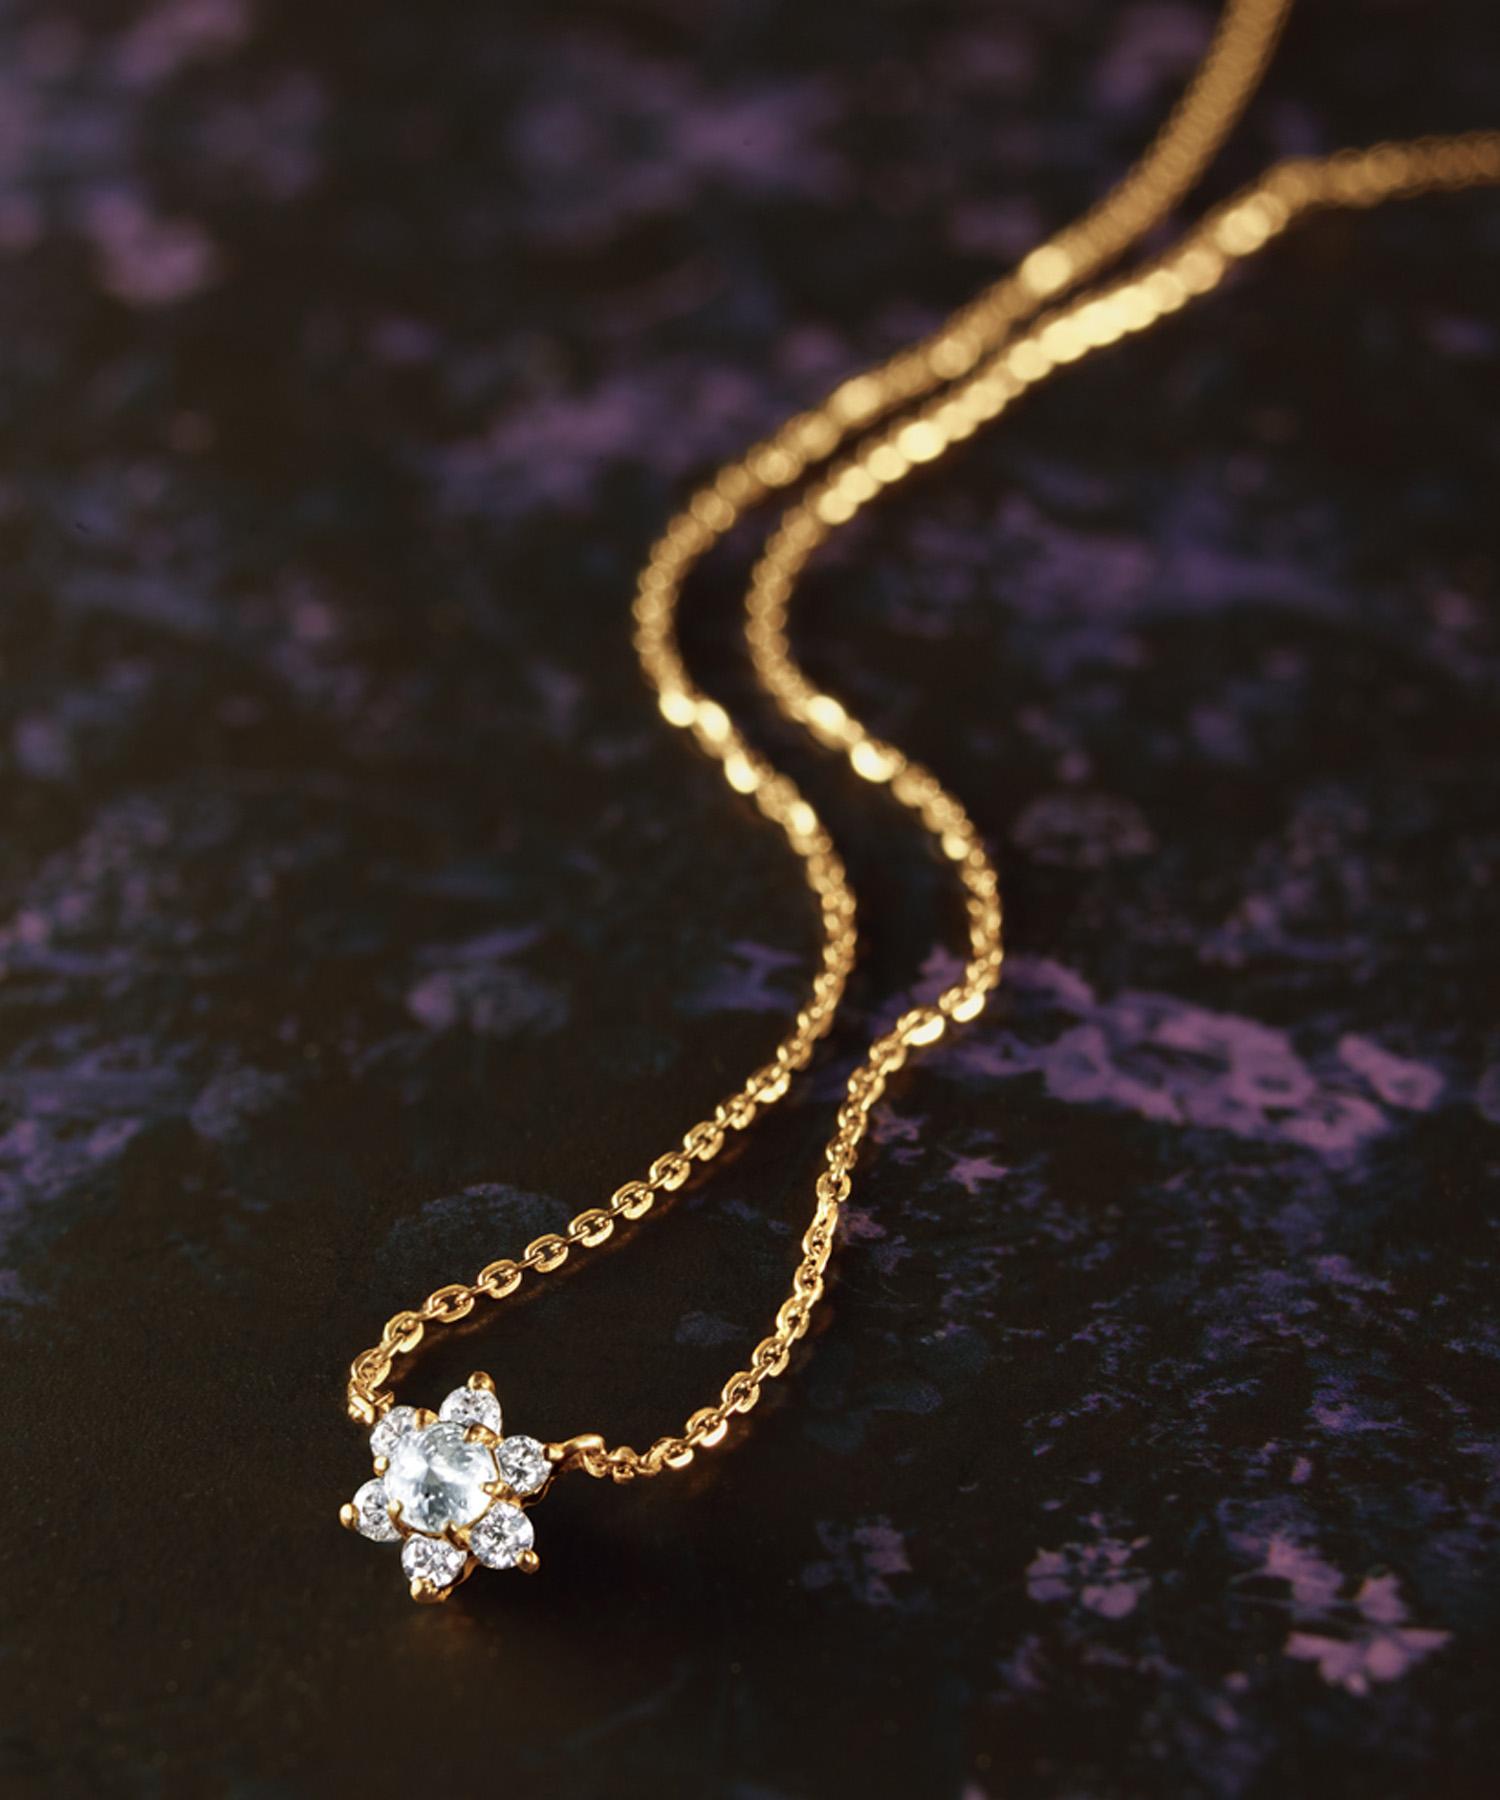 ◆数量限定◆K18ダイヤモンドスペシャルネックレス